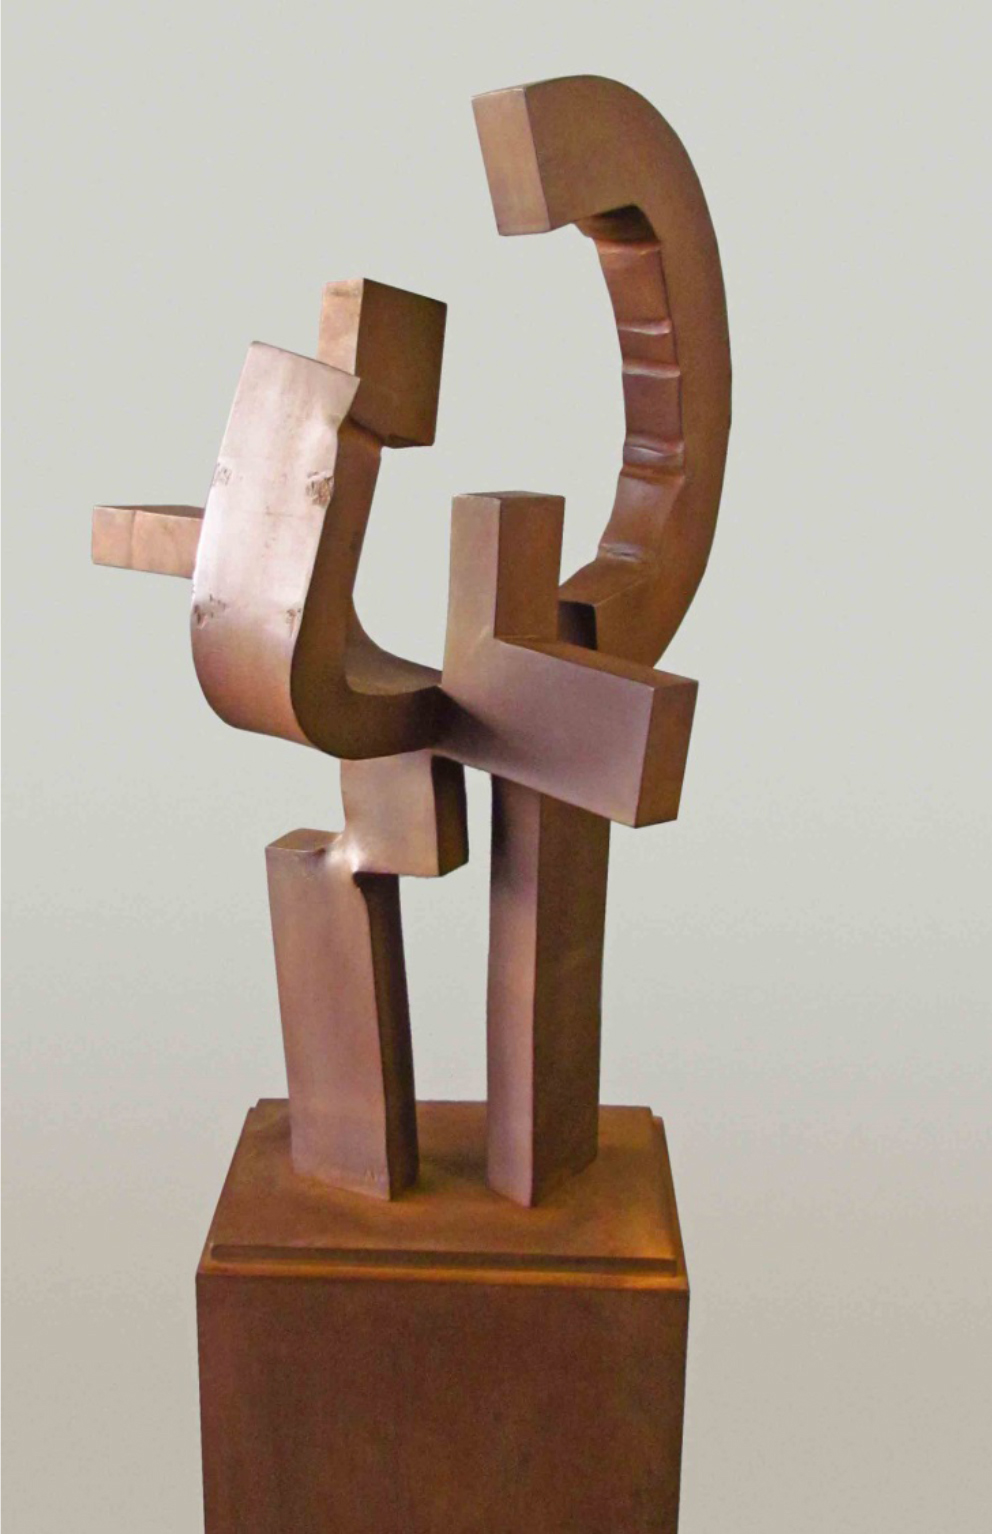 <strong> Carlos Albert</strong> Dama Azul, 162 x 45 x 32cm Hierro forjado Acero Corten, año 2015